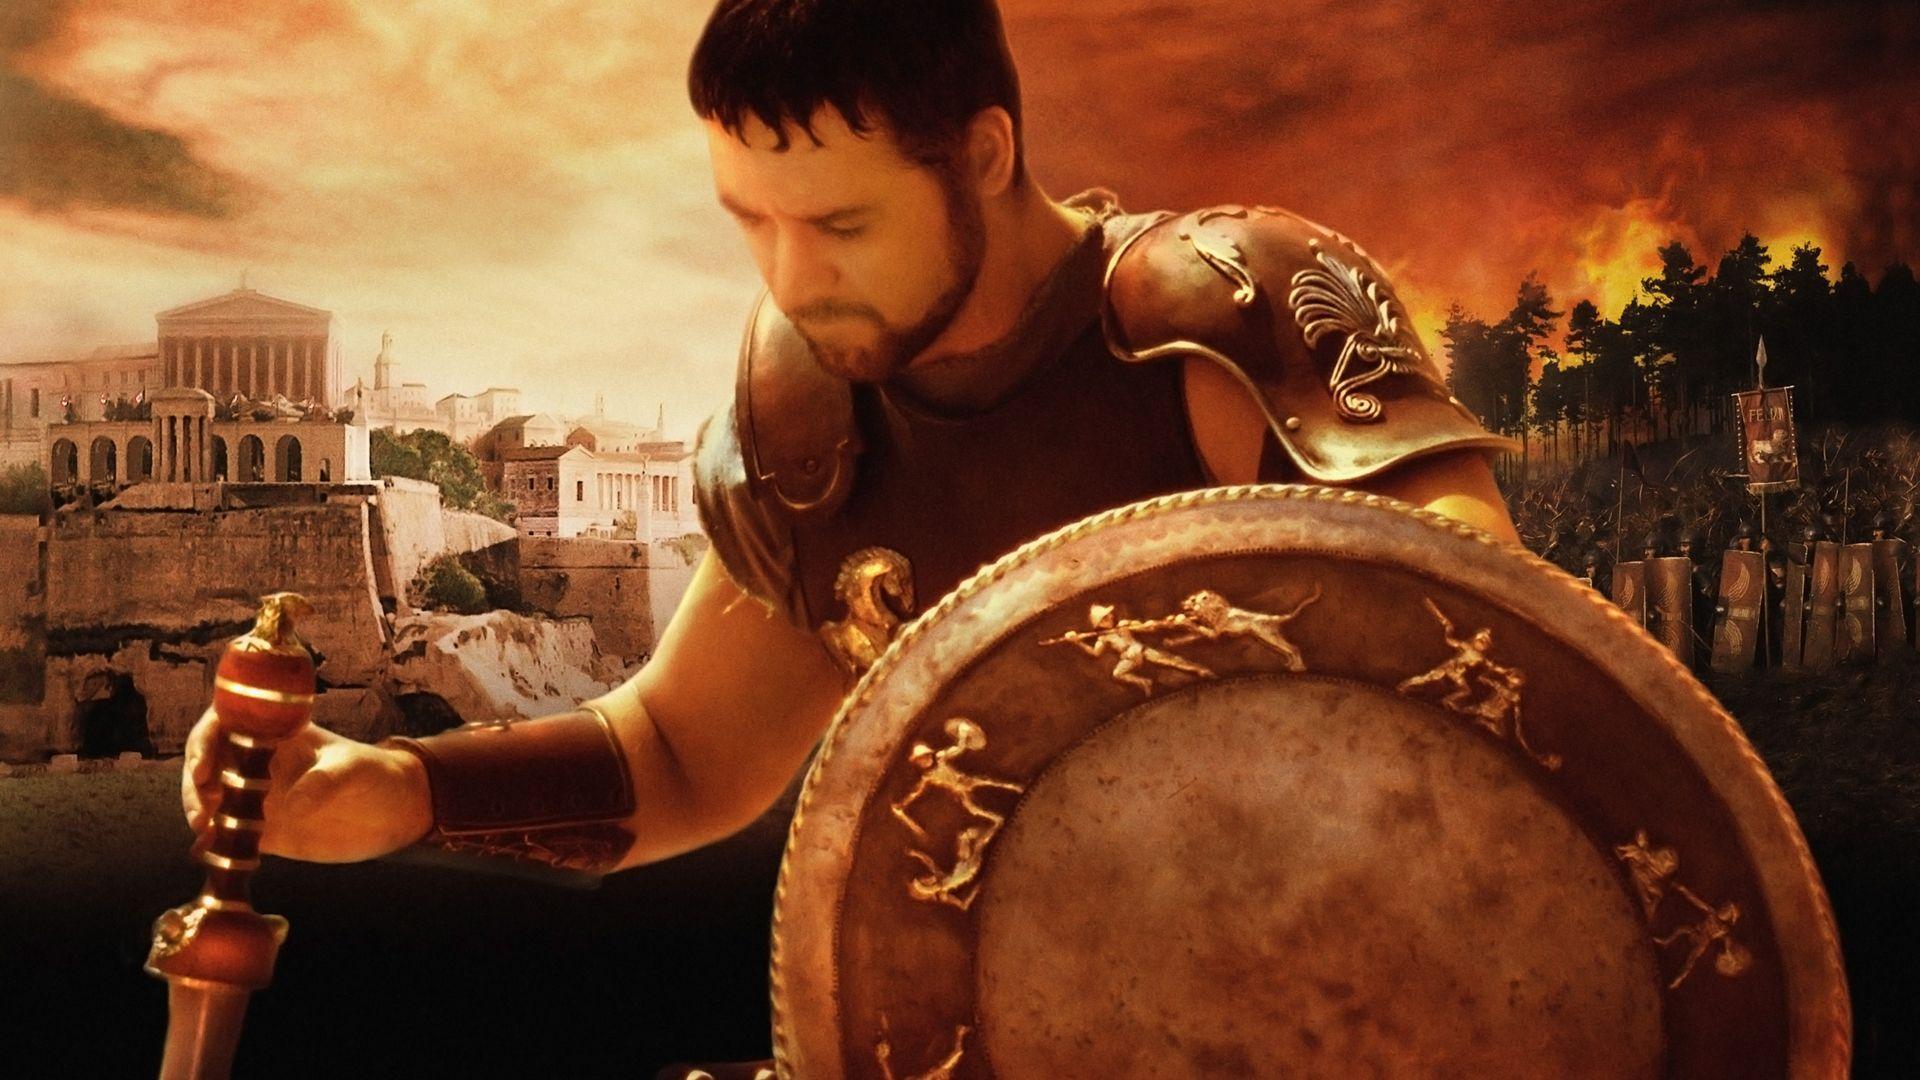 Gladiator Wallpaper - WallpaperSafari